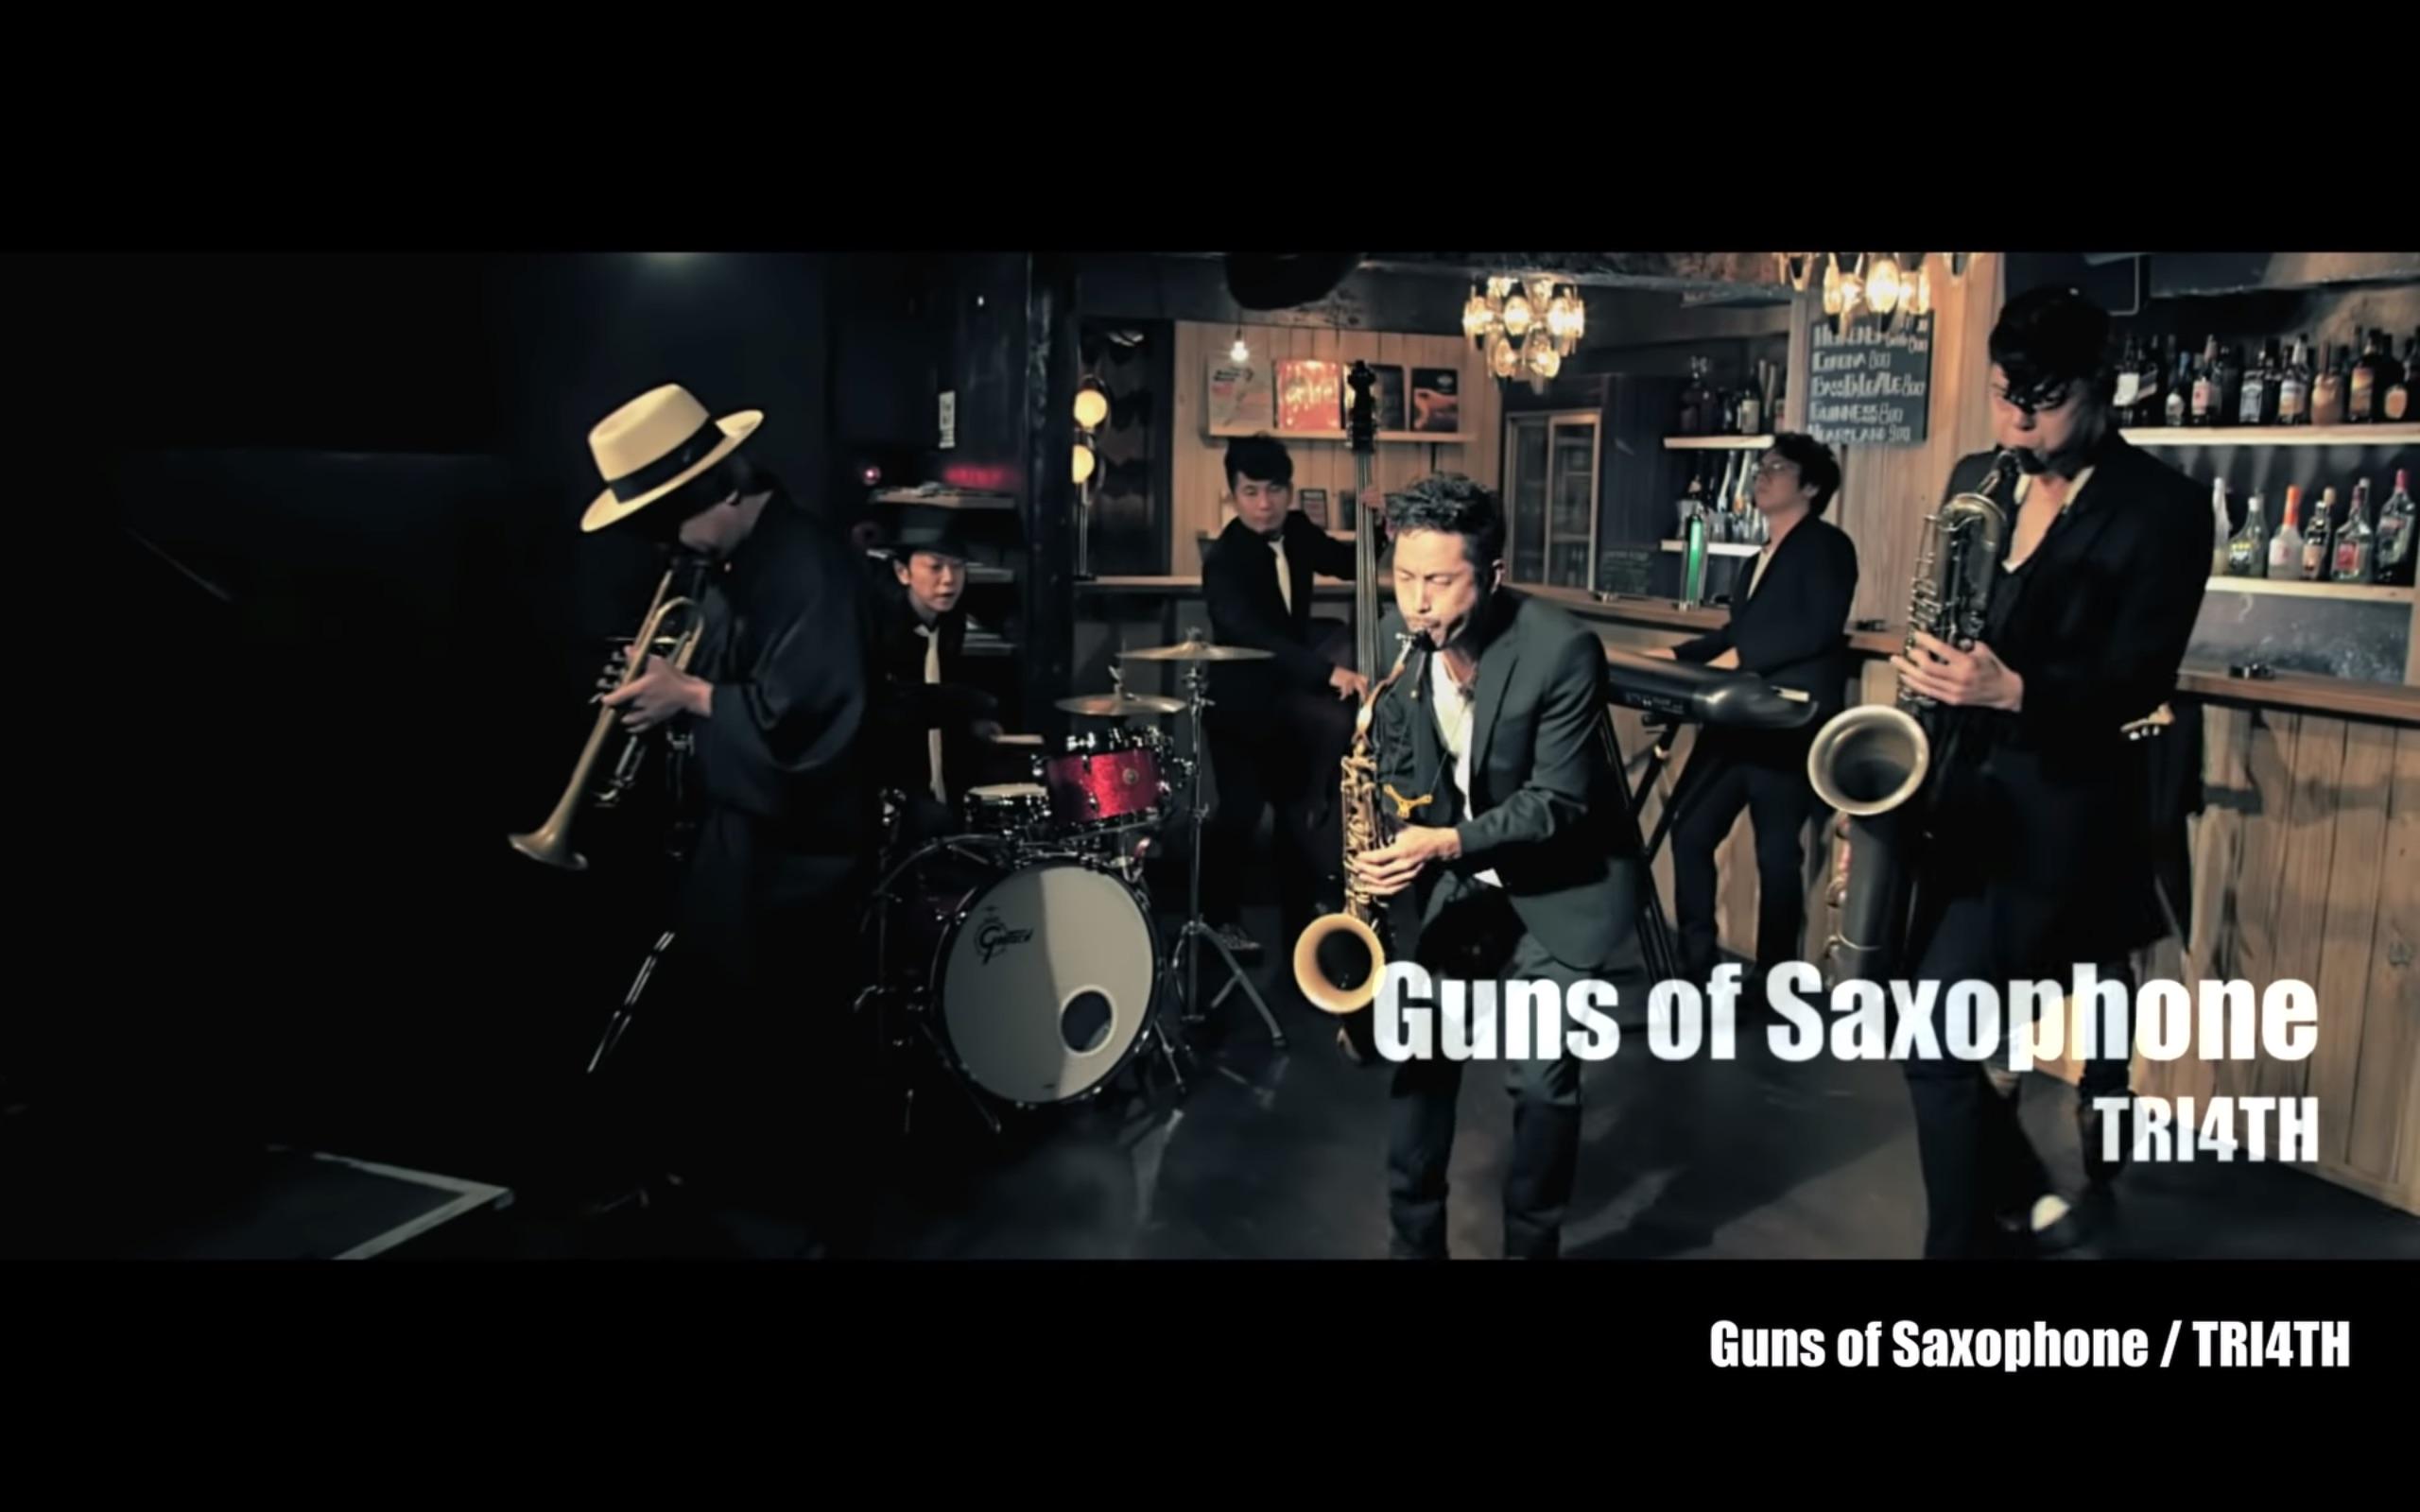 Guns Of Saxophone / TRI4TH